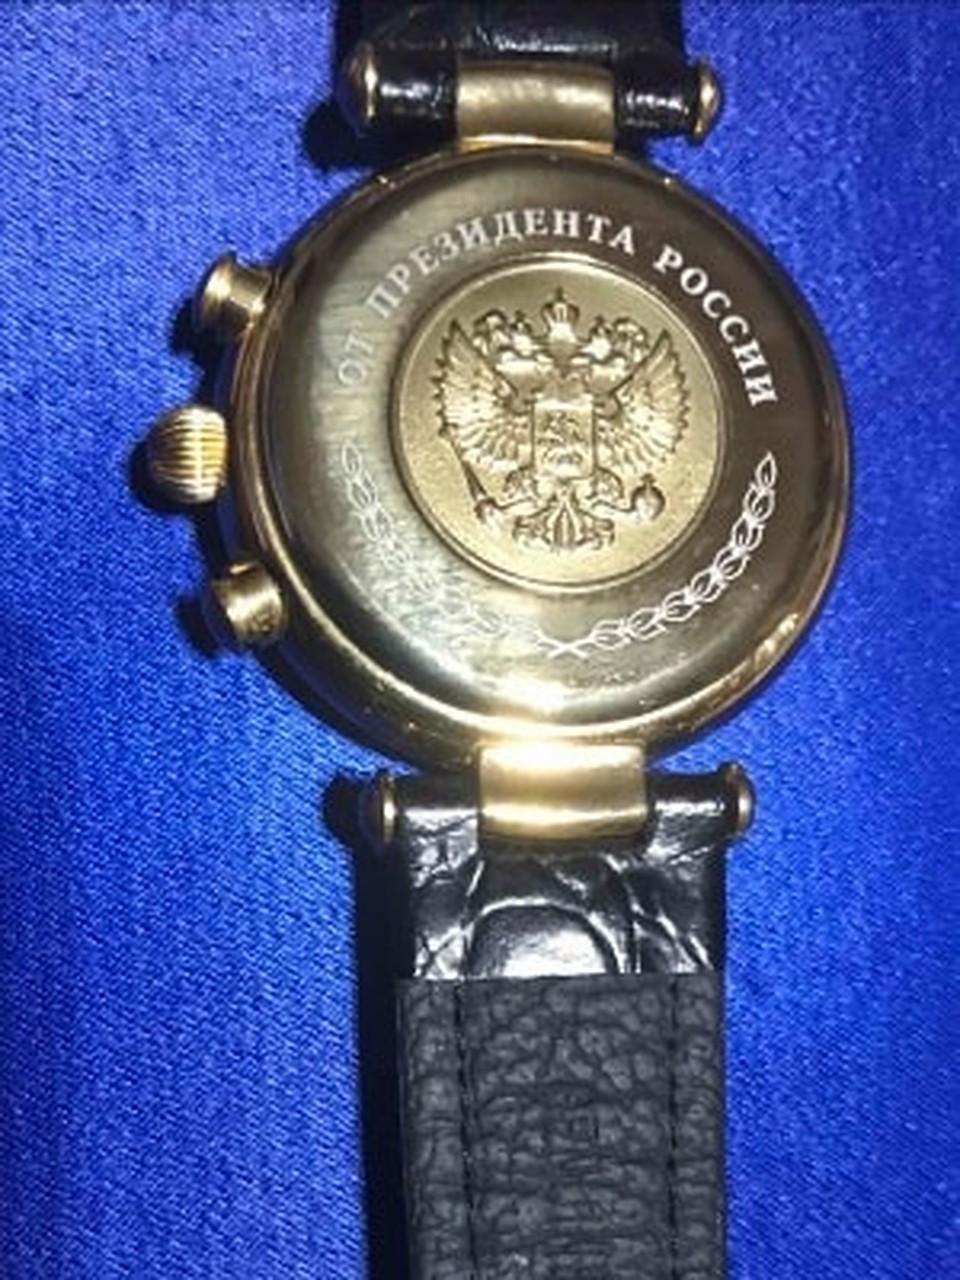 Именные часы от Путина. Фото: Леонид РЯБКОВ